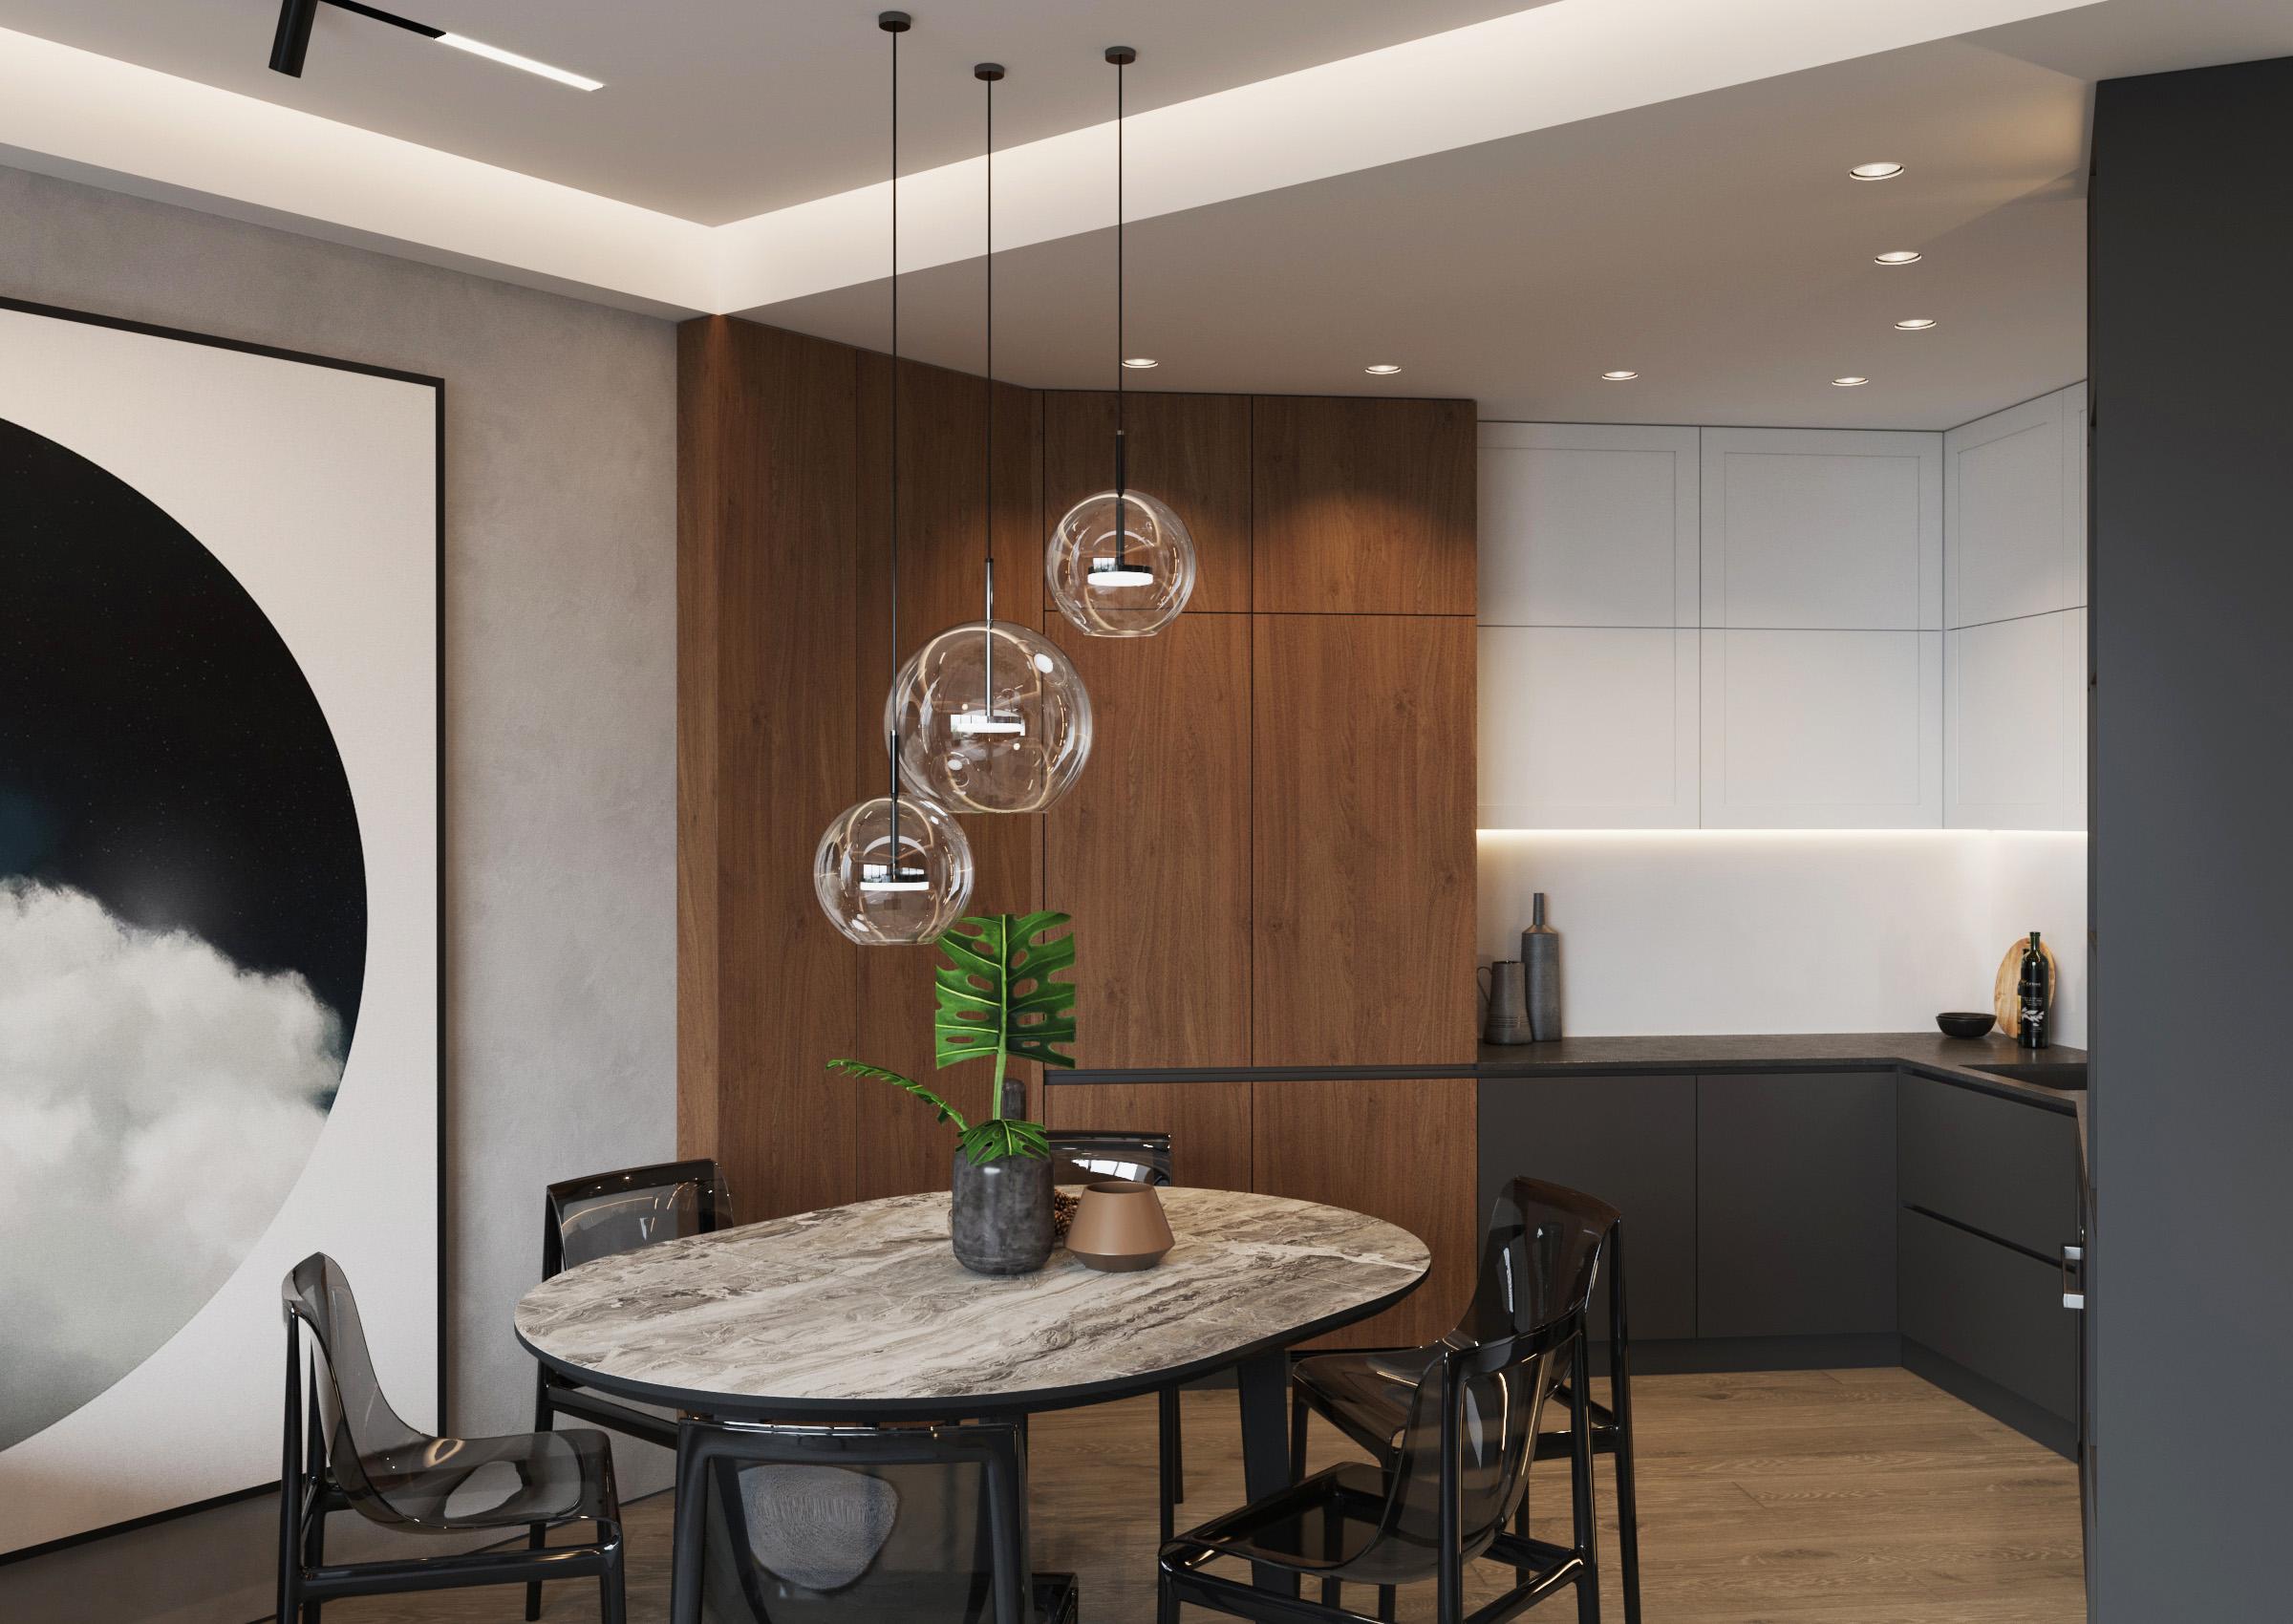 Bucătărie în stil modern cu corpuri de iluminat din tavan